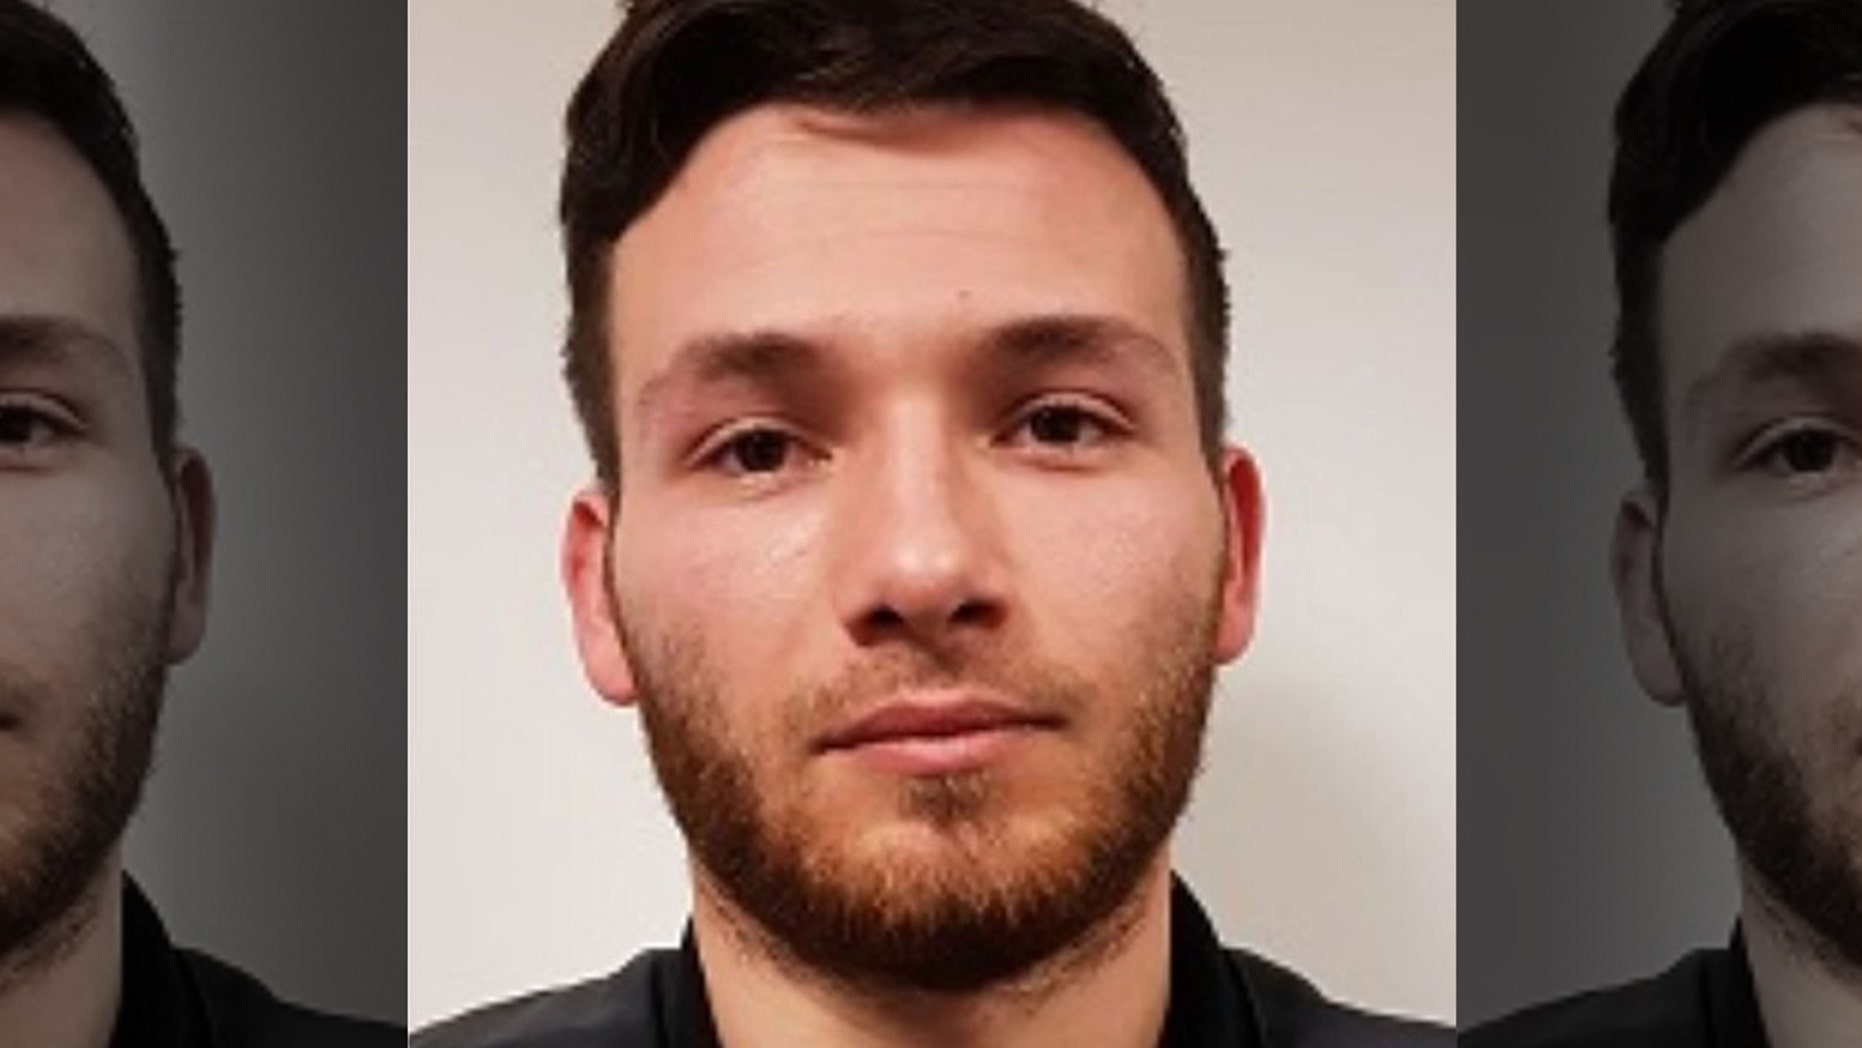 Adrien Derbez allegedly stole a van containing millions in cash.